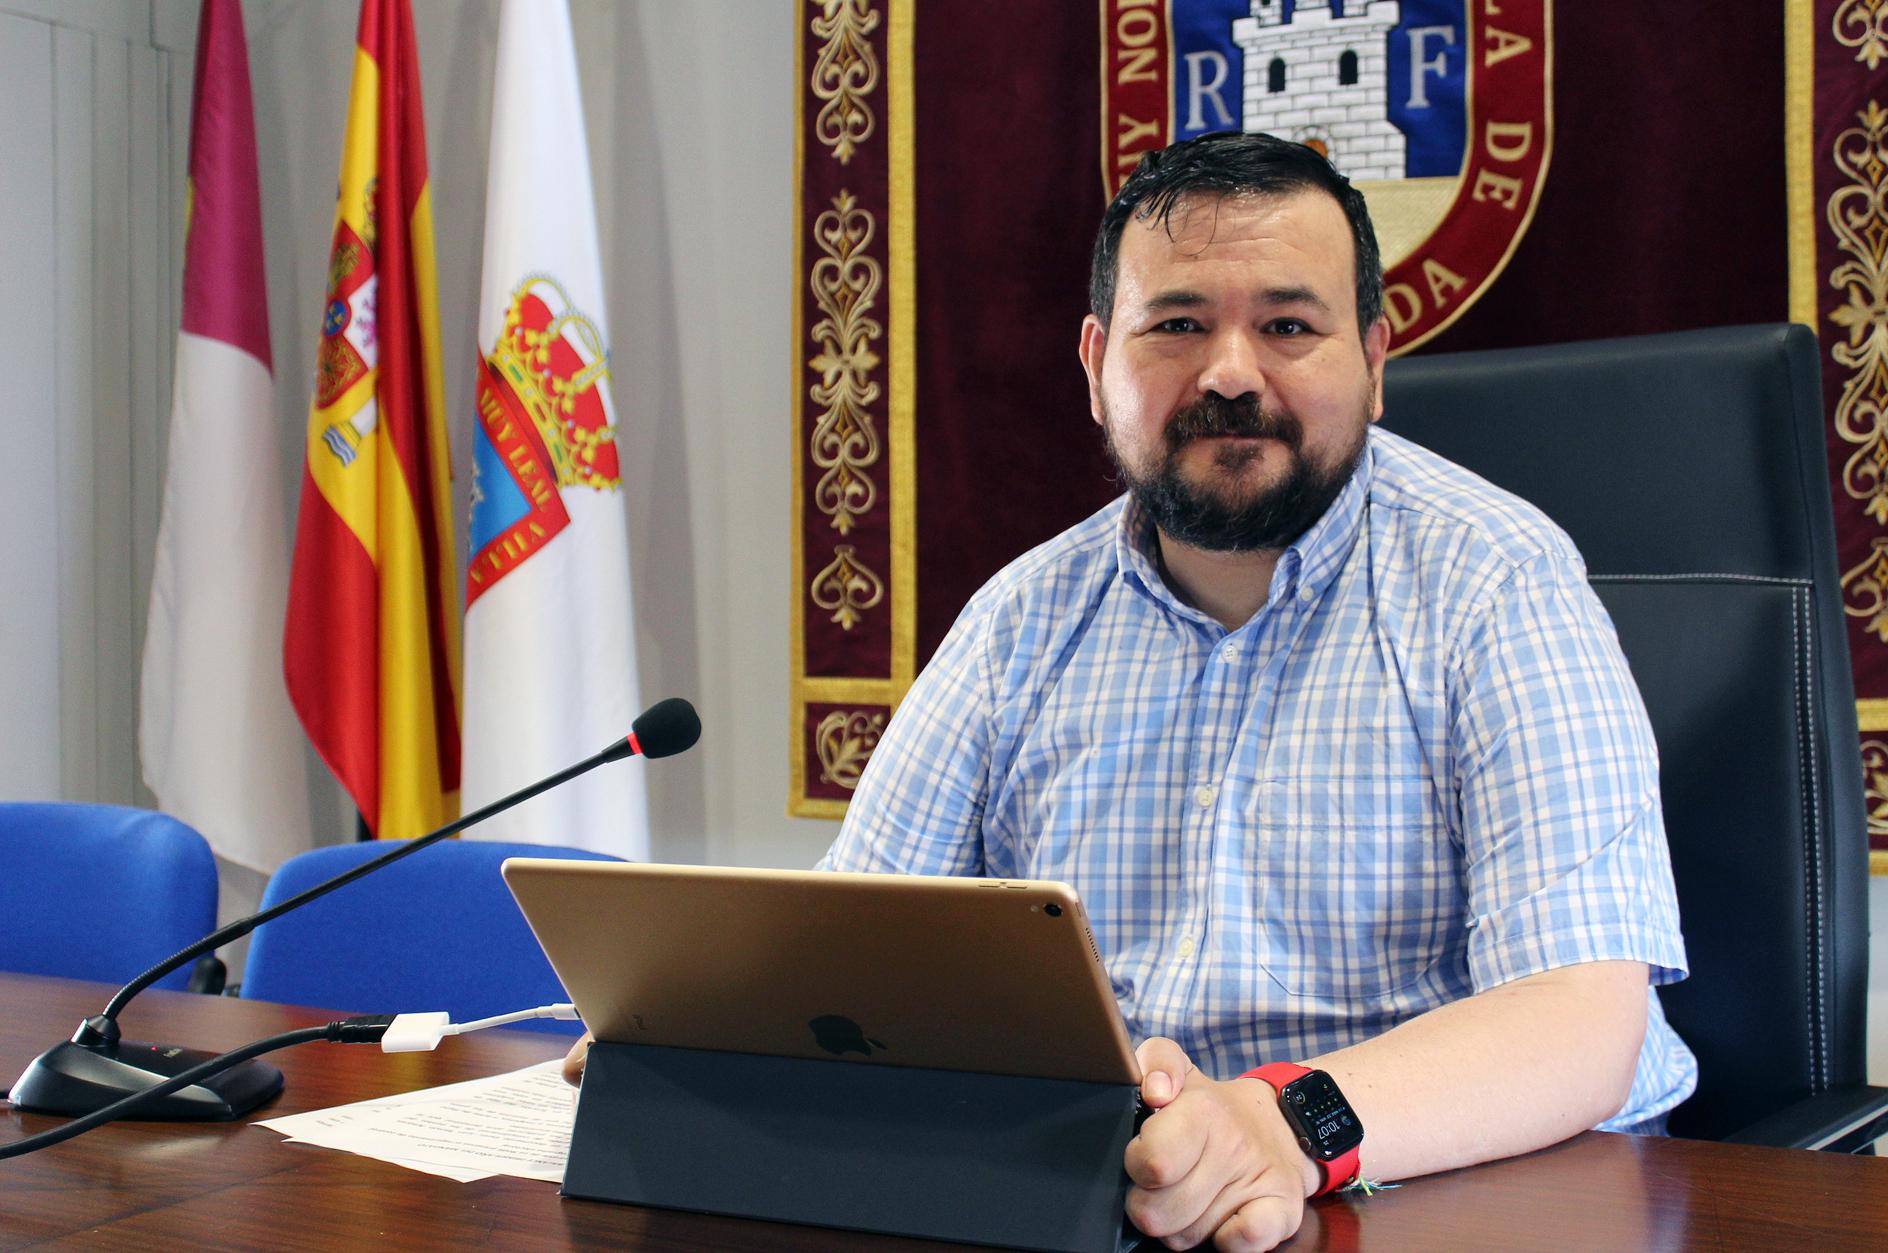 Juan Ramón Amores Anuncia La Instalación De Las Nuevas Luminarias LED